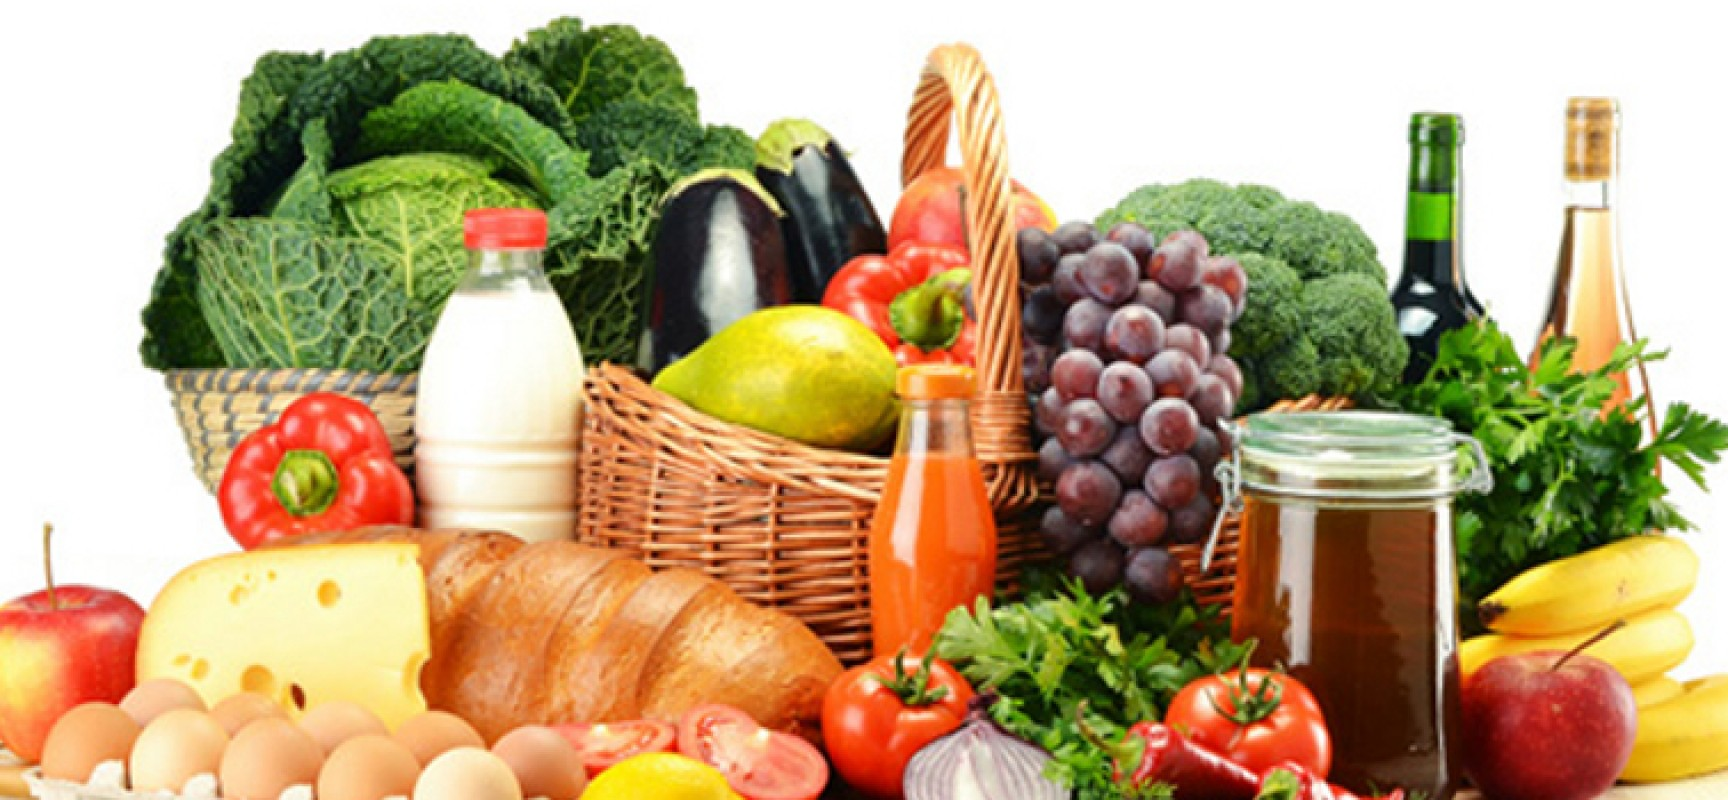 La dieta e lo stile mediterraneo: domenica 22 giornata divulgativa lungo il litorale